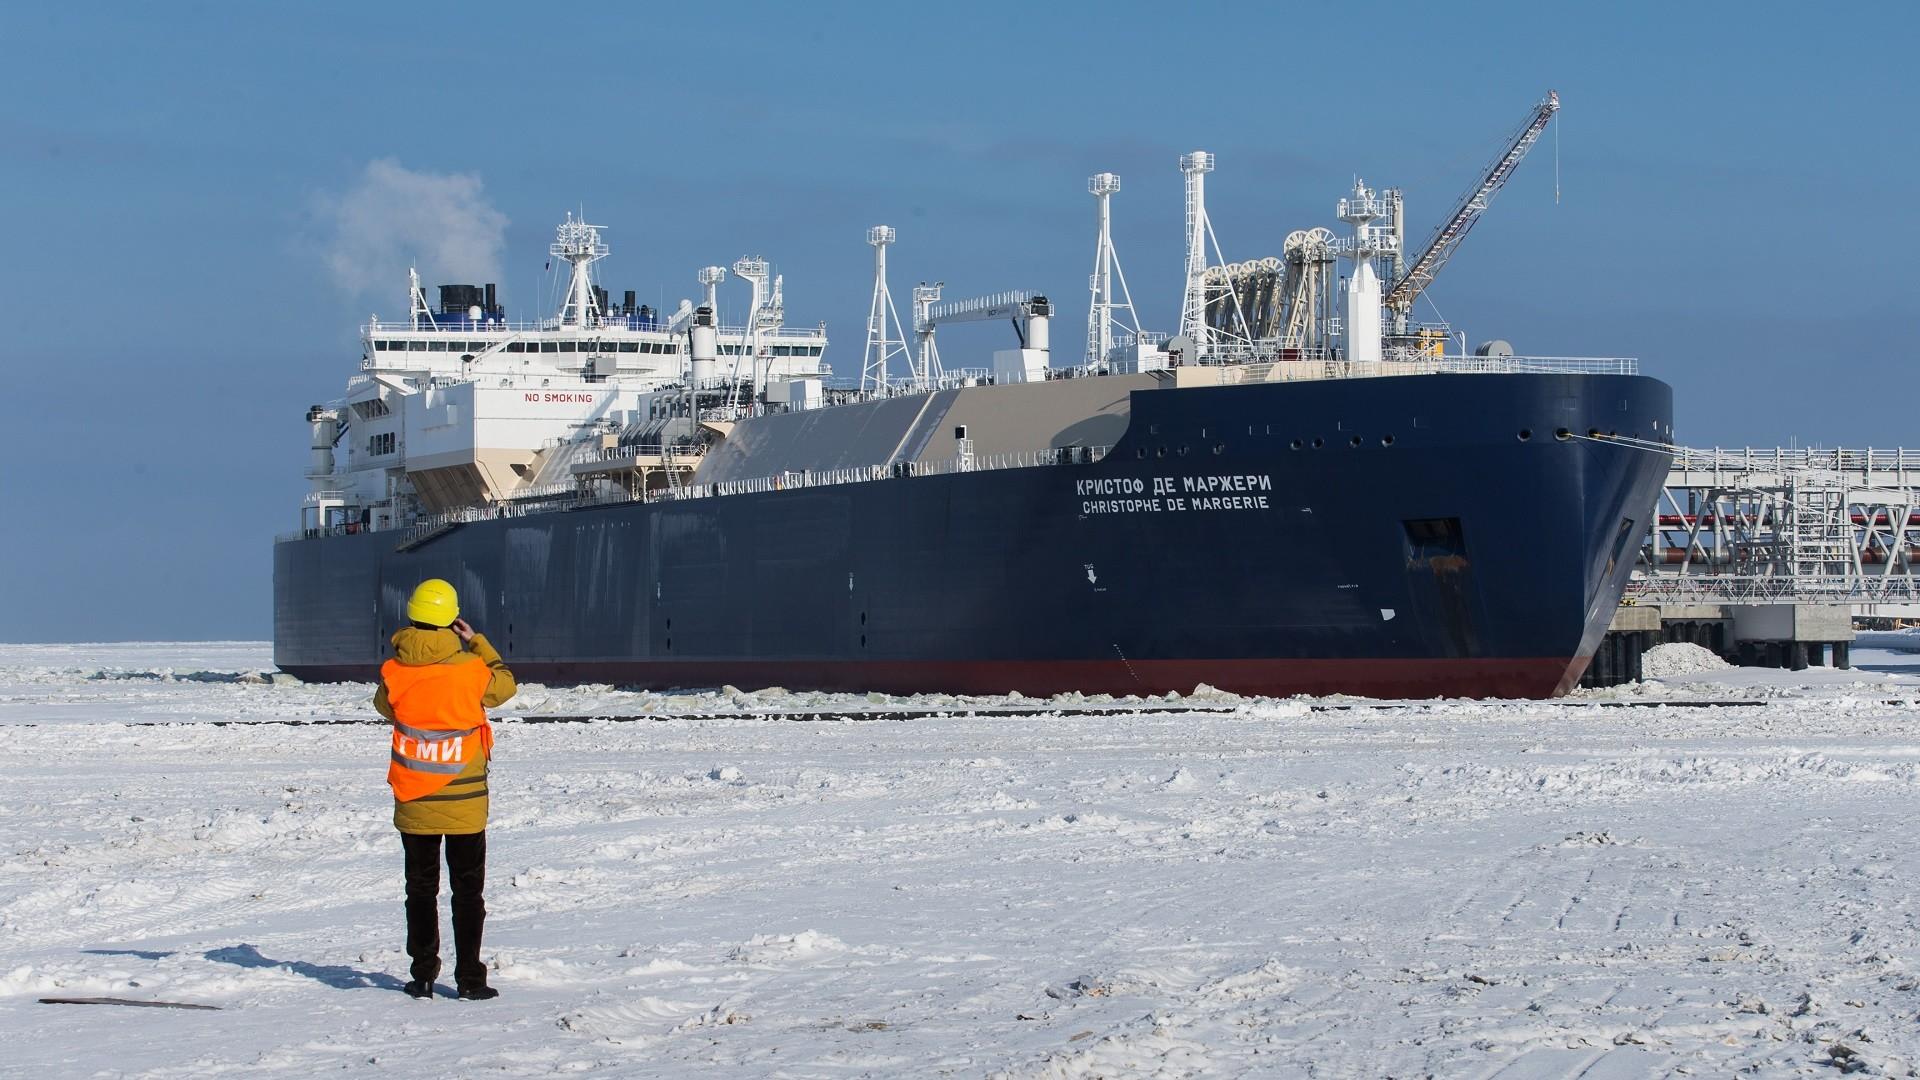 """Le méthanier brise-glace """"Christophe de Margerie"""" dans le port de Sabetta, desservant l'usine Yamal-LNG, dans le Grand Nord russe"""